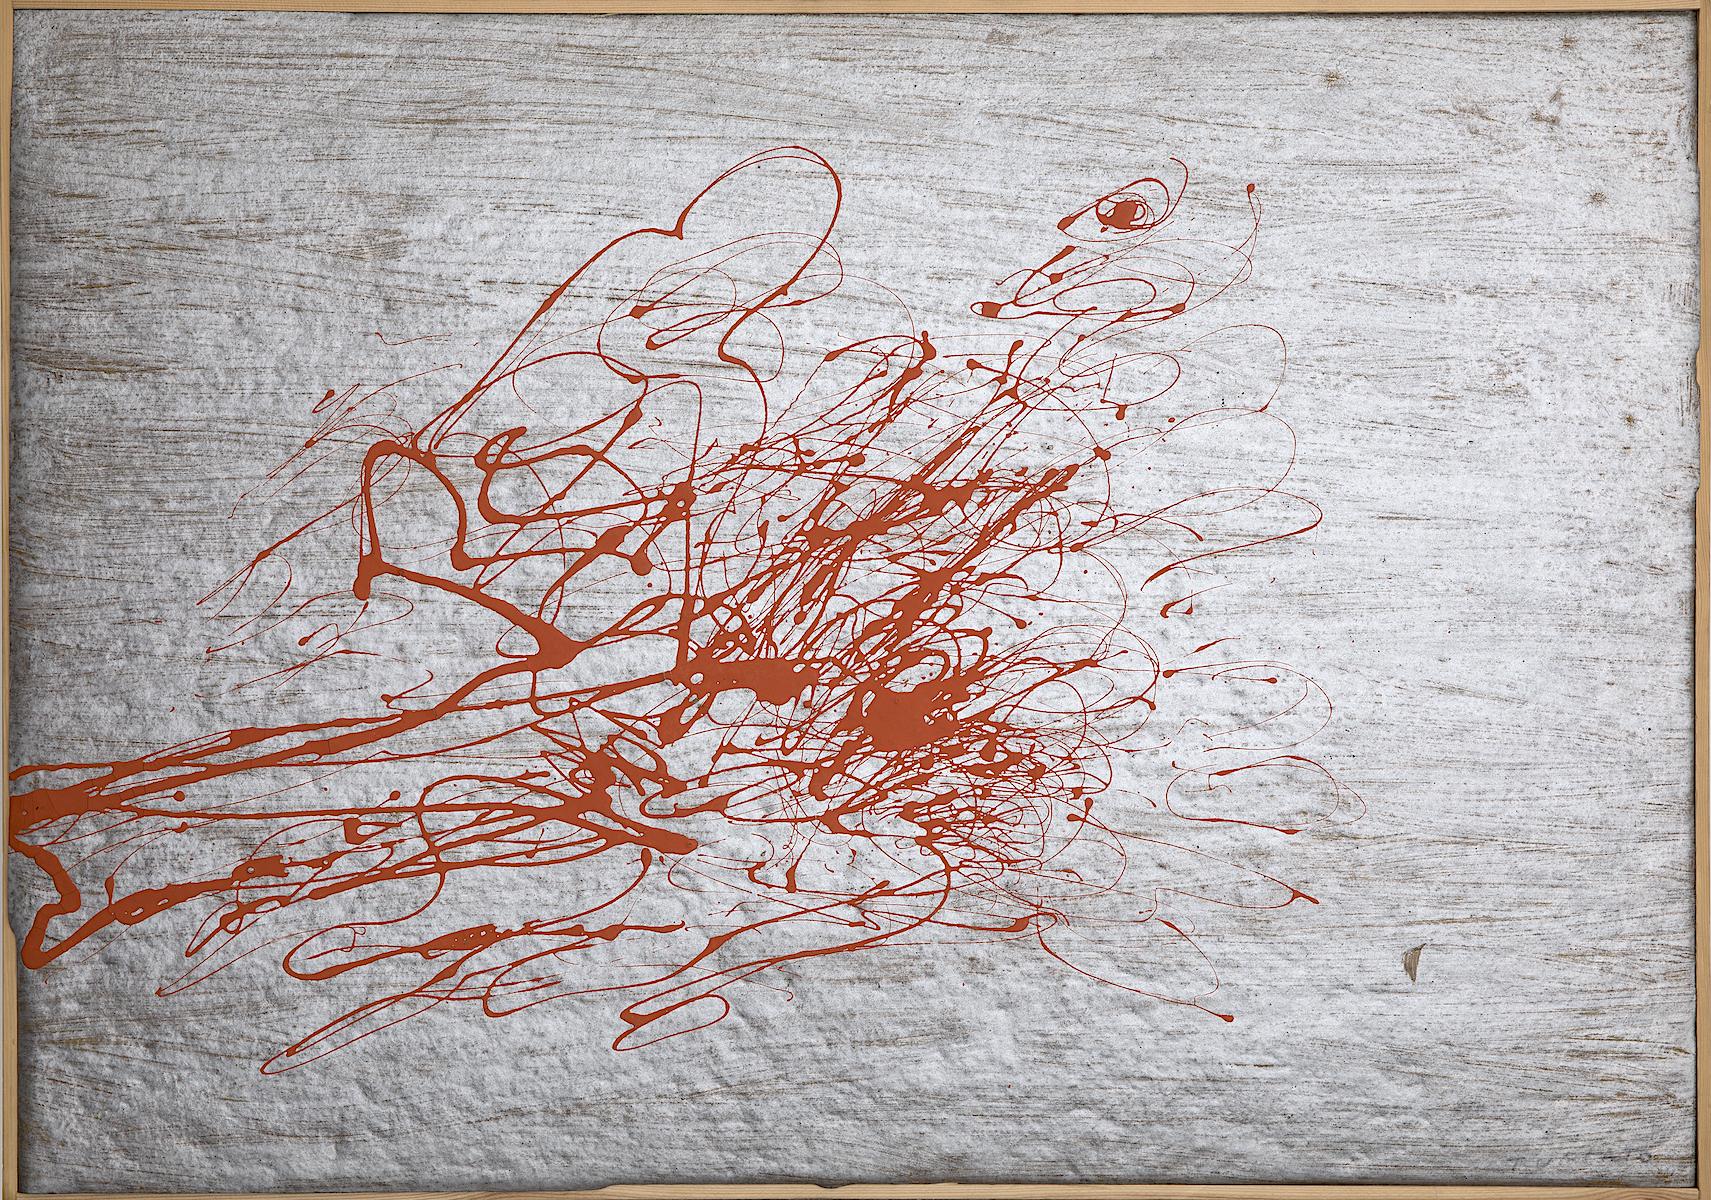 1970, olio e tecnica mista su tela, cm 70x100